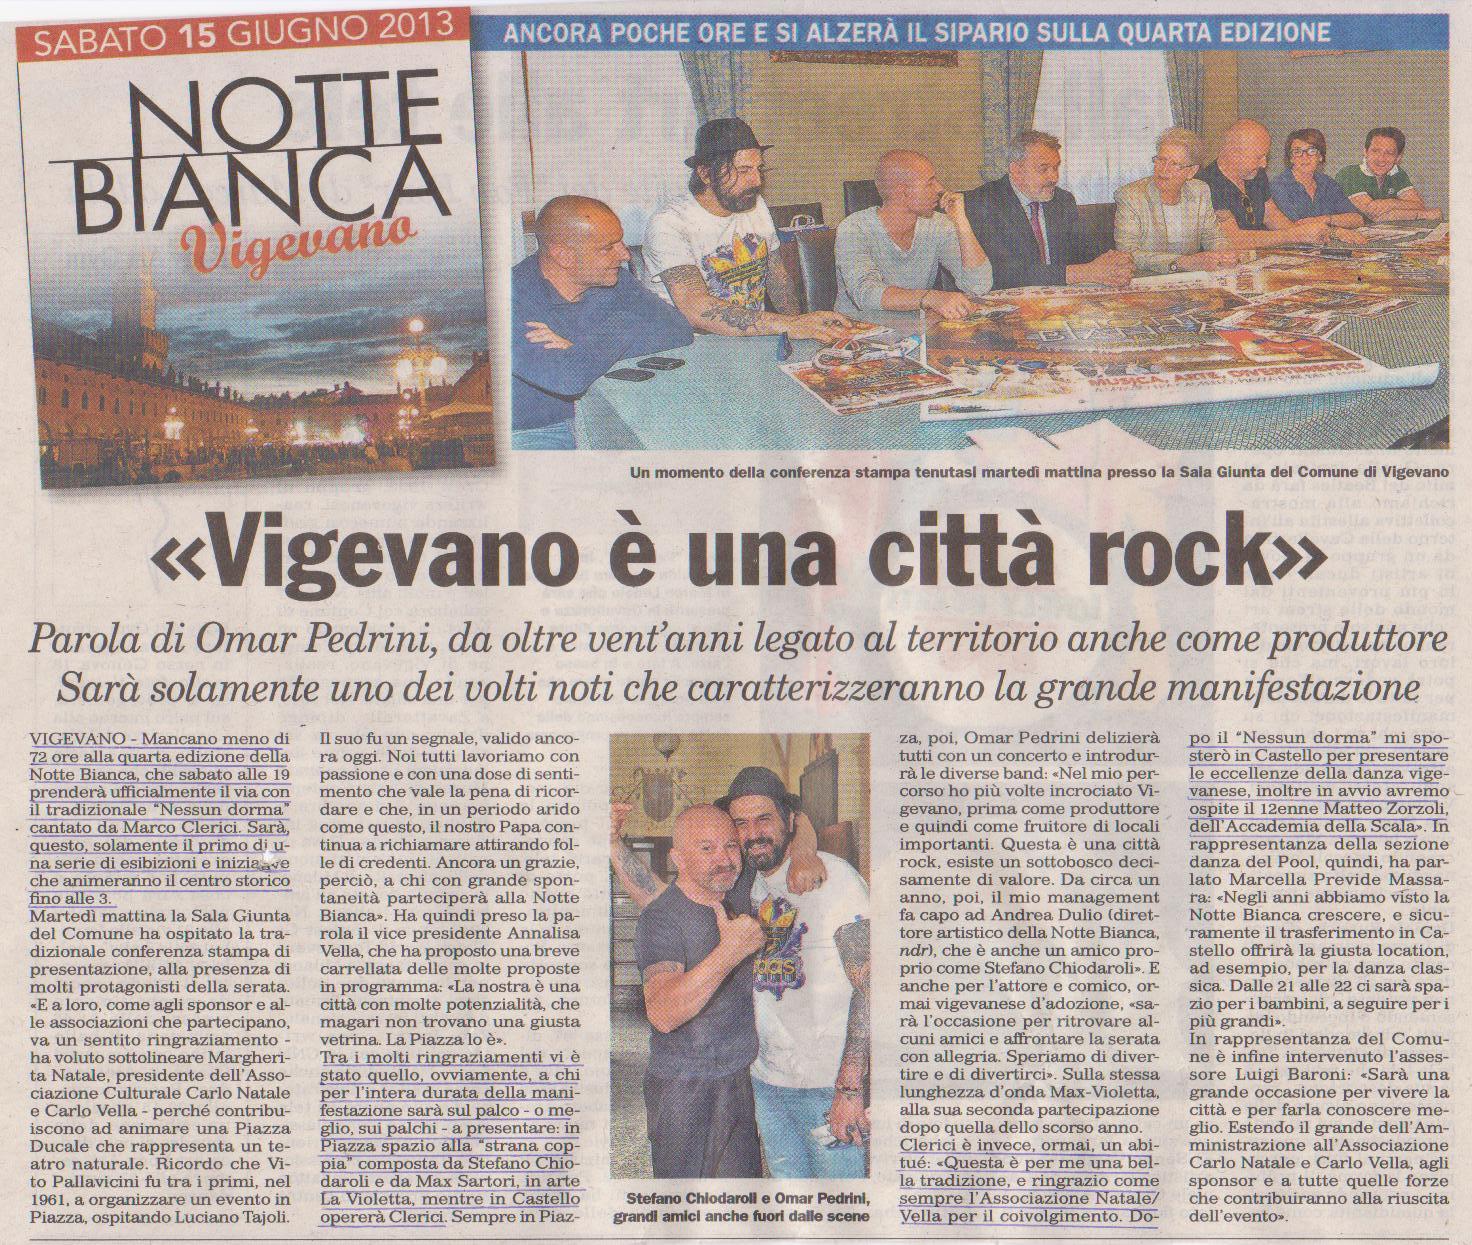 Notte Bianca 2013 Conferenza Stampa con Omar Pedrini, Stefano Chiodaroli e Marco Clerici